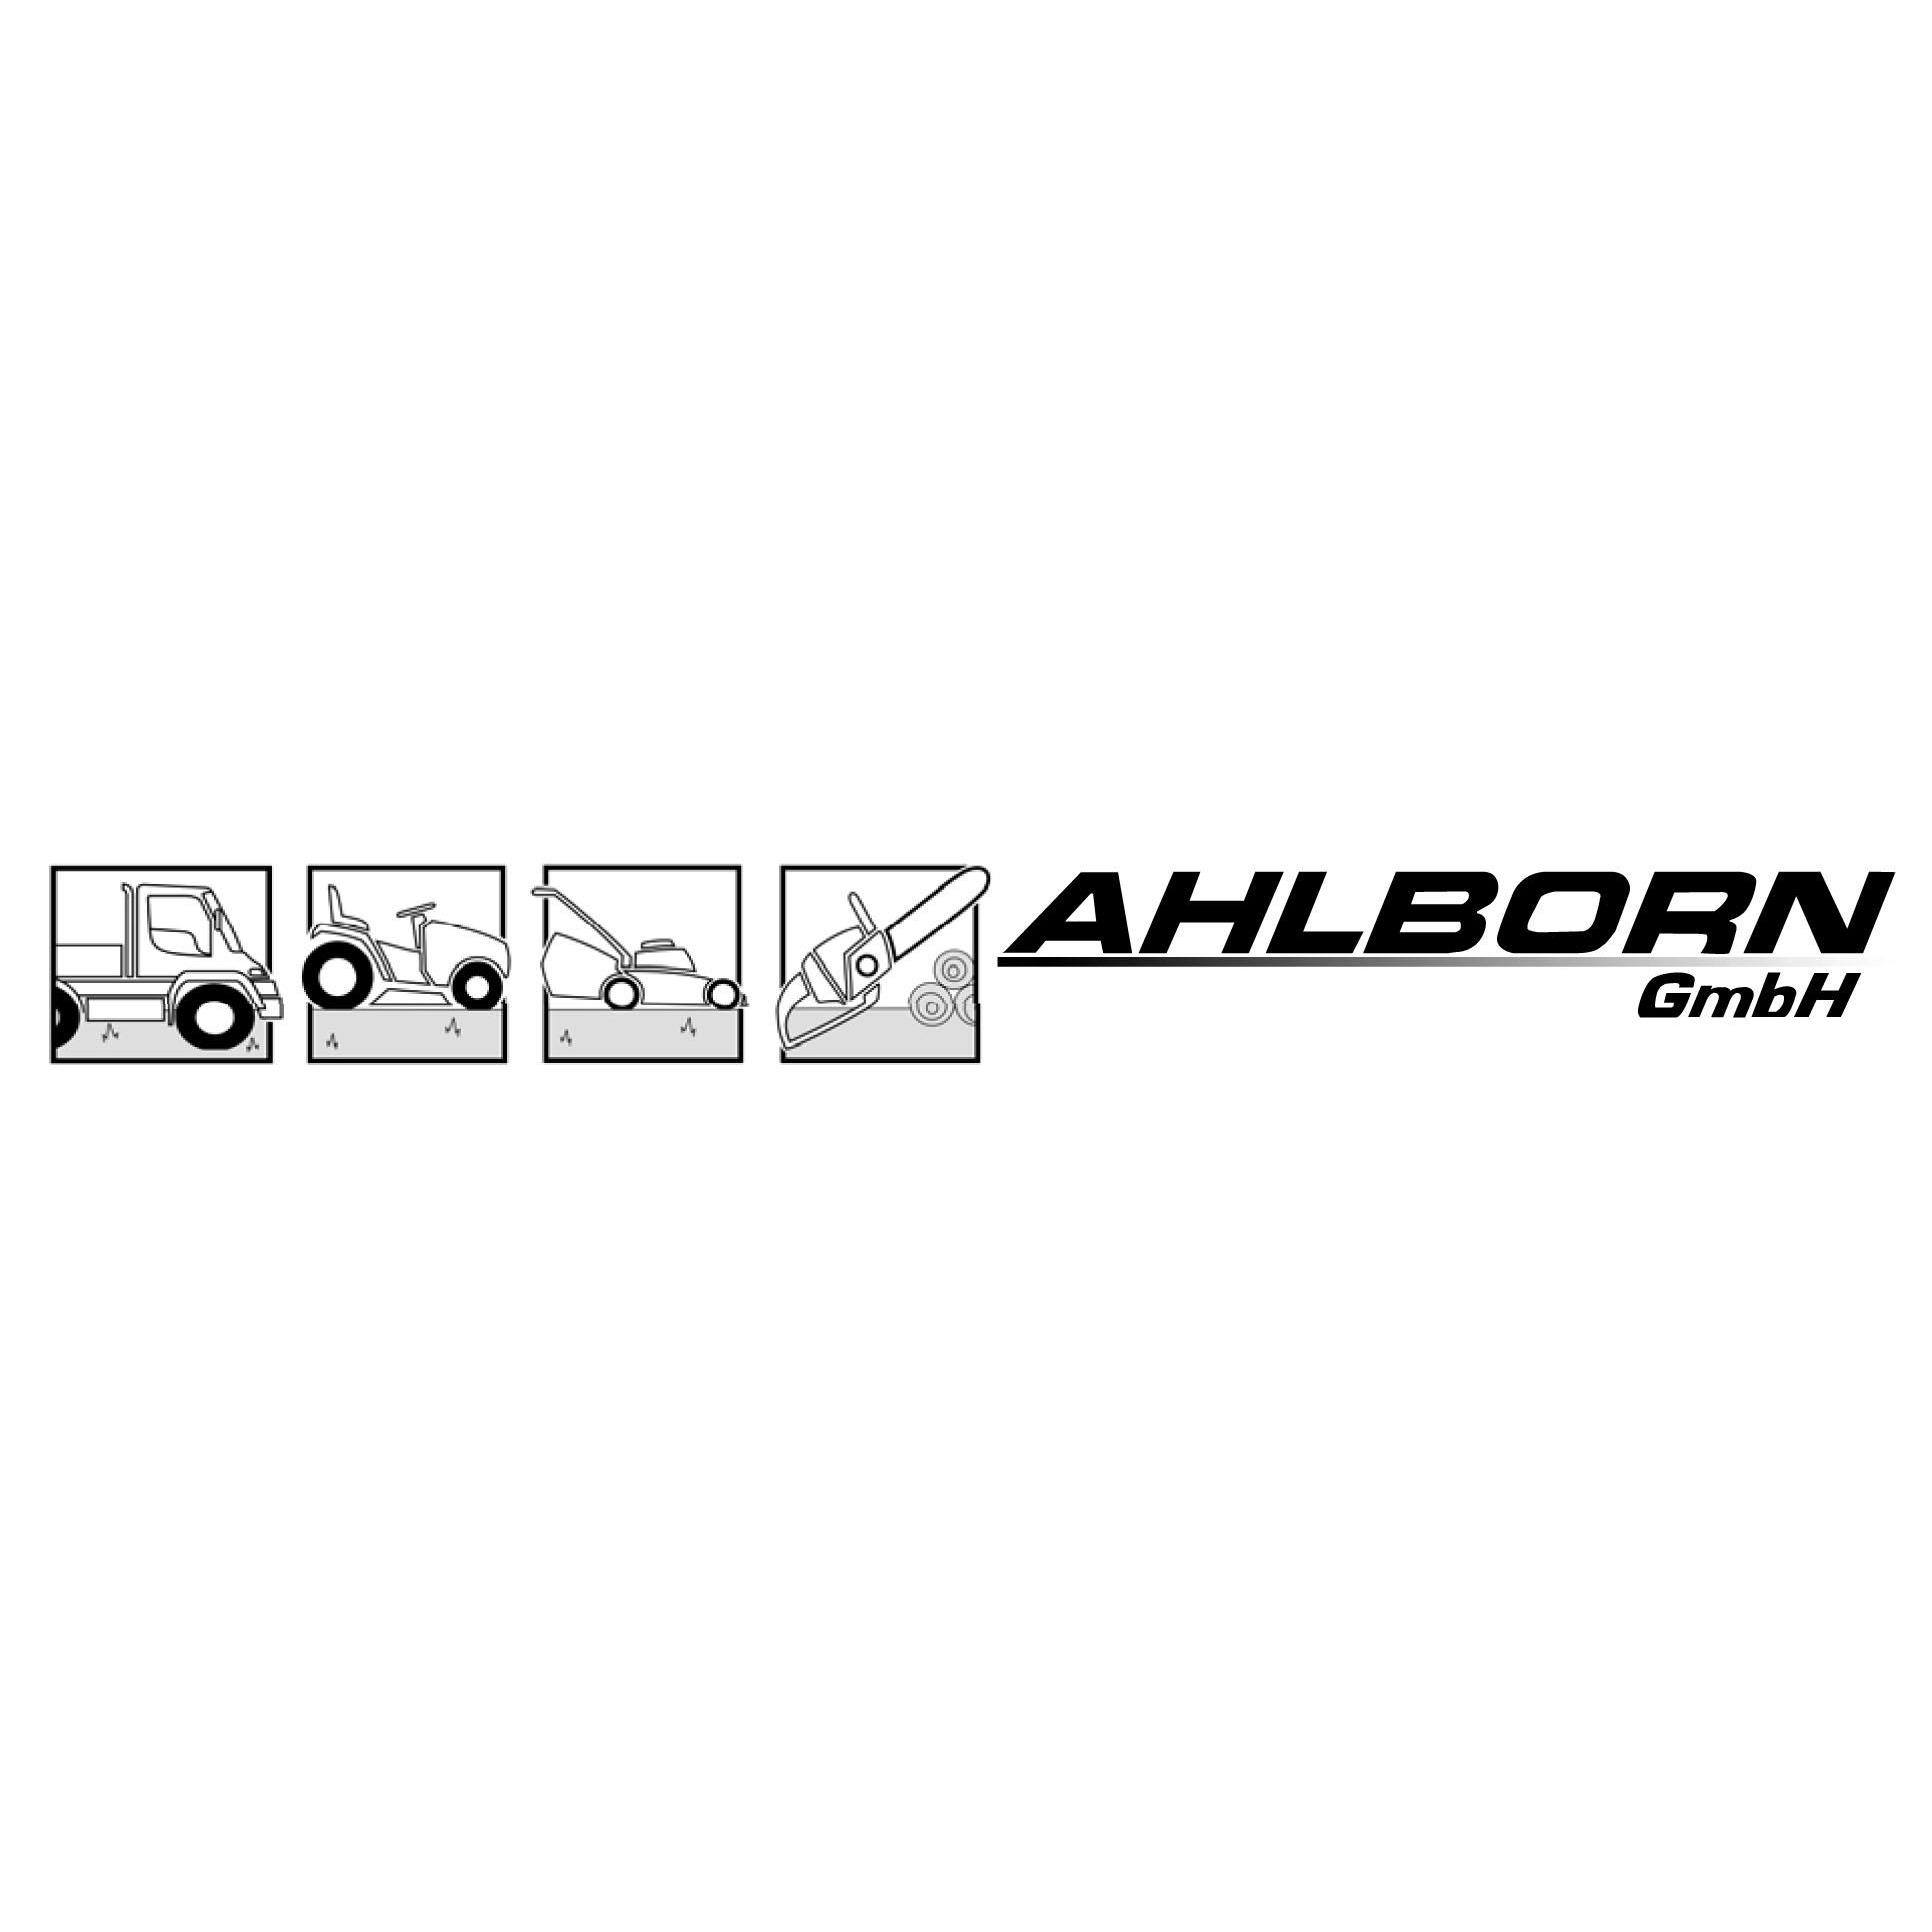 Bild zu Ahlborn GmbH in Hildesheim